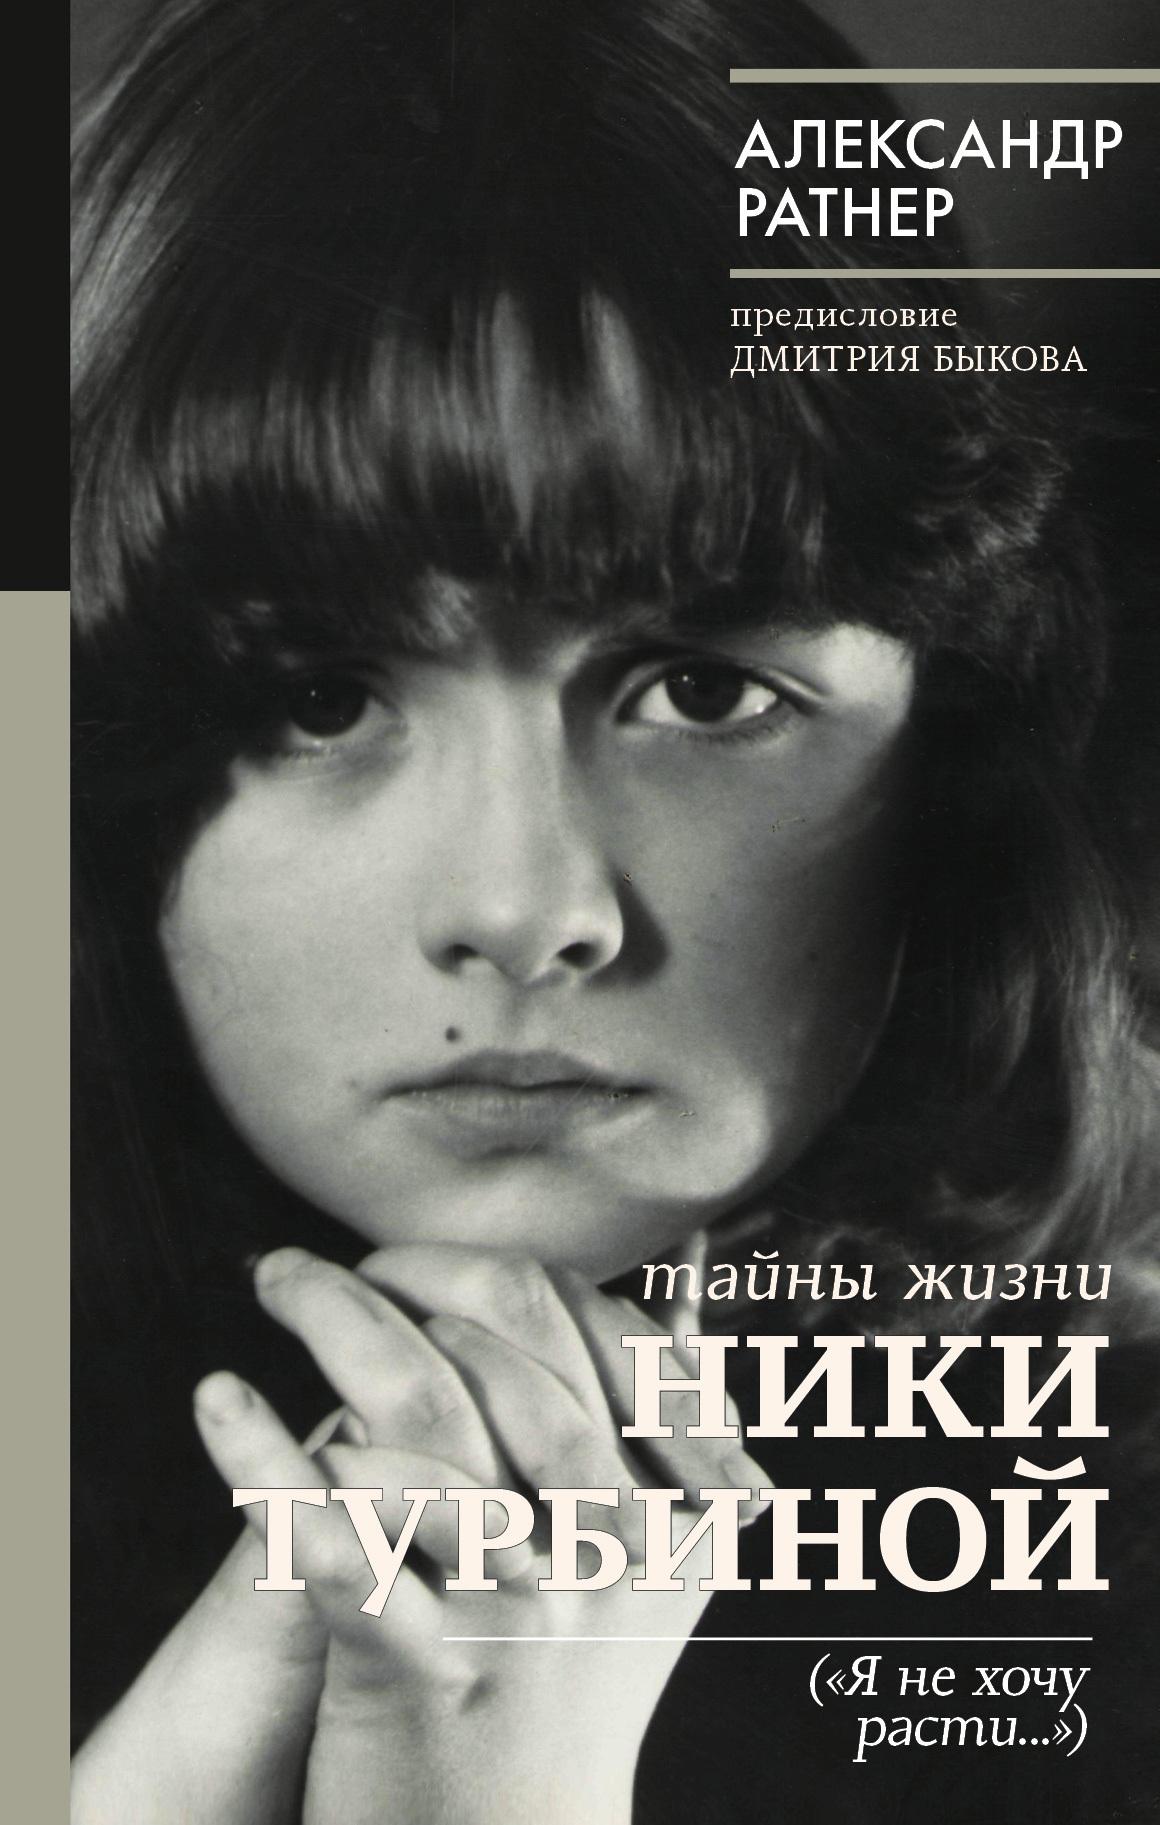 Александр Ратнер Тайны жизни Ники Турбиной («Я не хочу расти…)